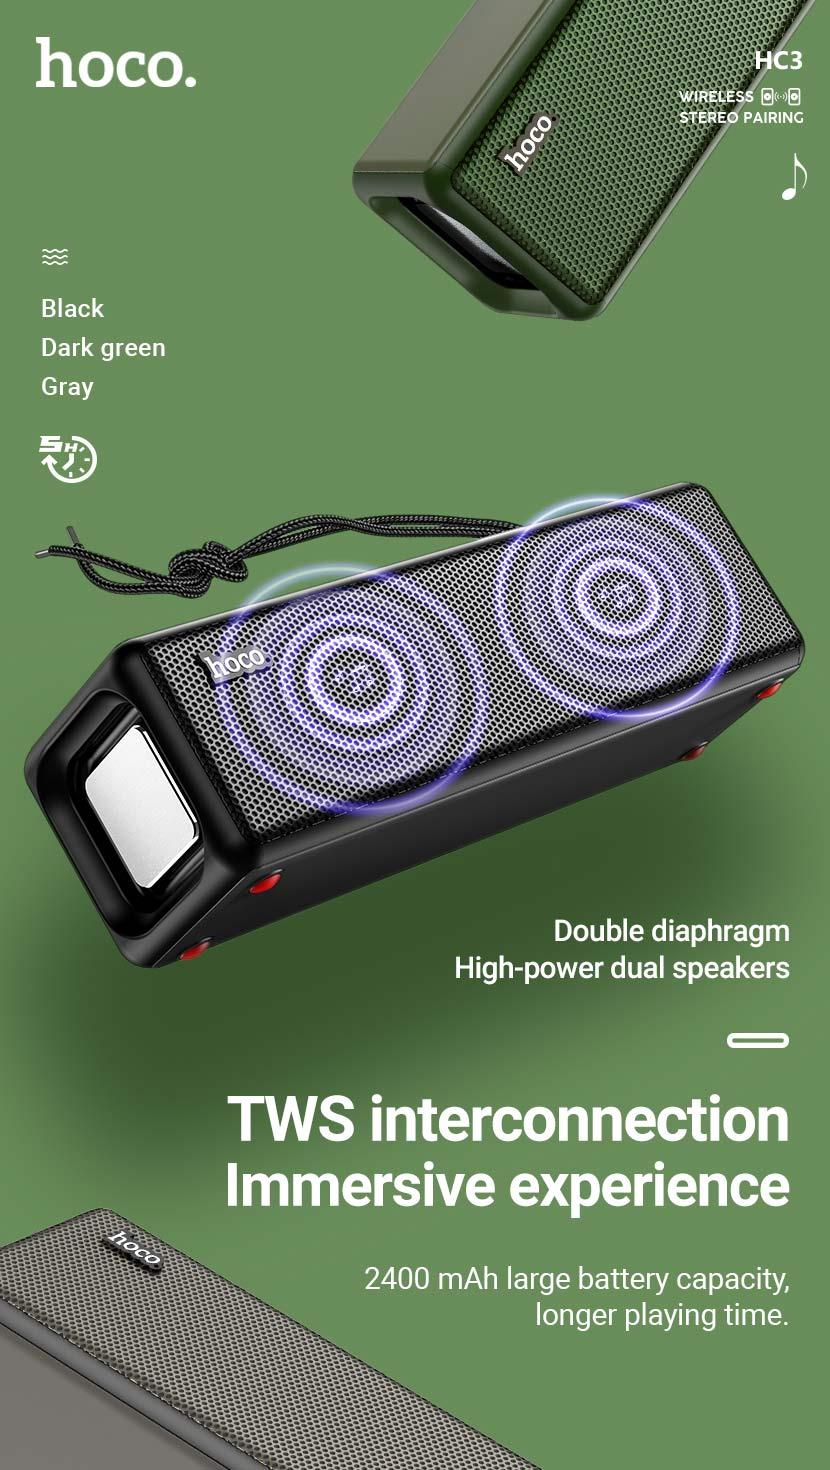 hoco news hc3 bounce sports wireless speaker tws en